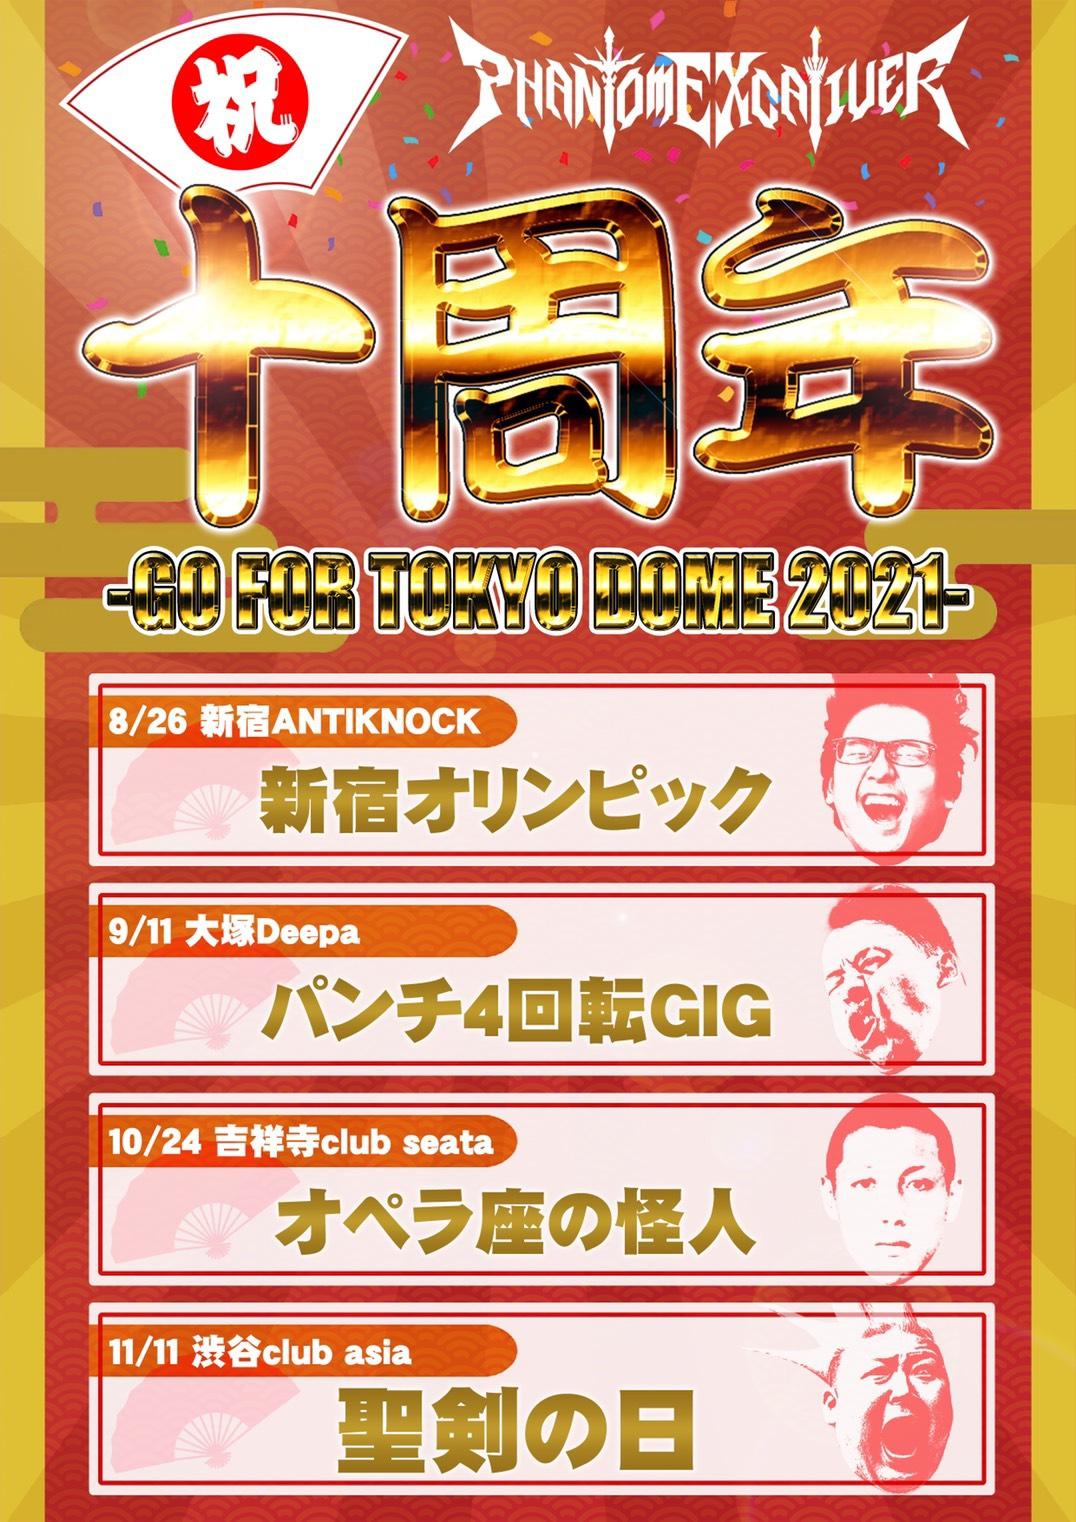 Phantom Excaliver 10周年 GO FOR  TOKYO DOME 2021 パンチ4回転 GIG 1部